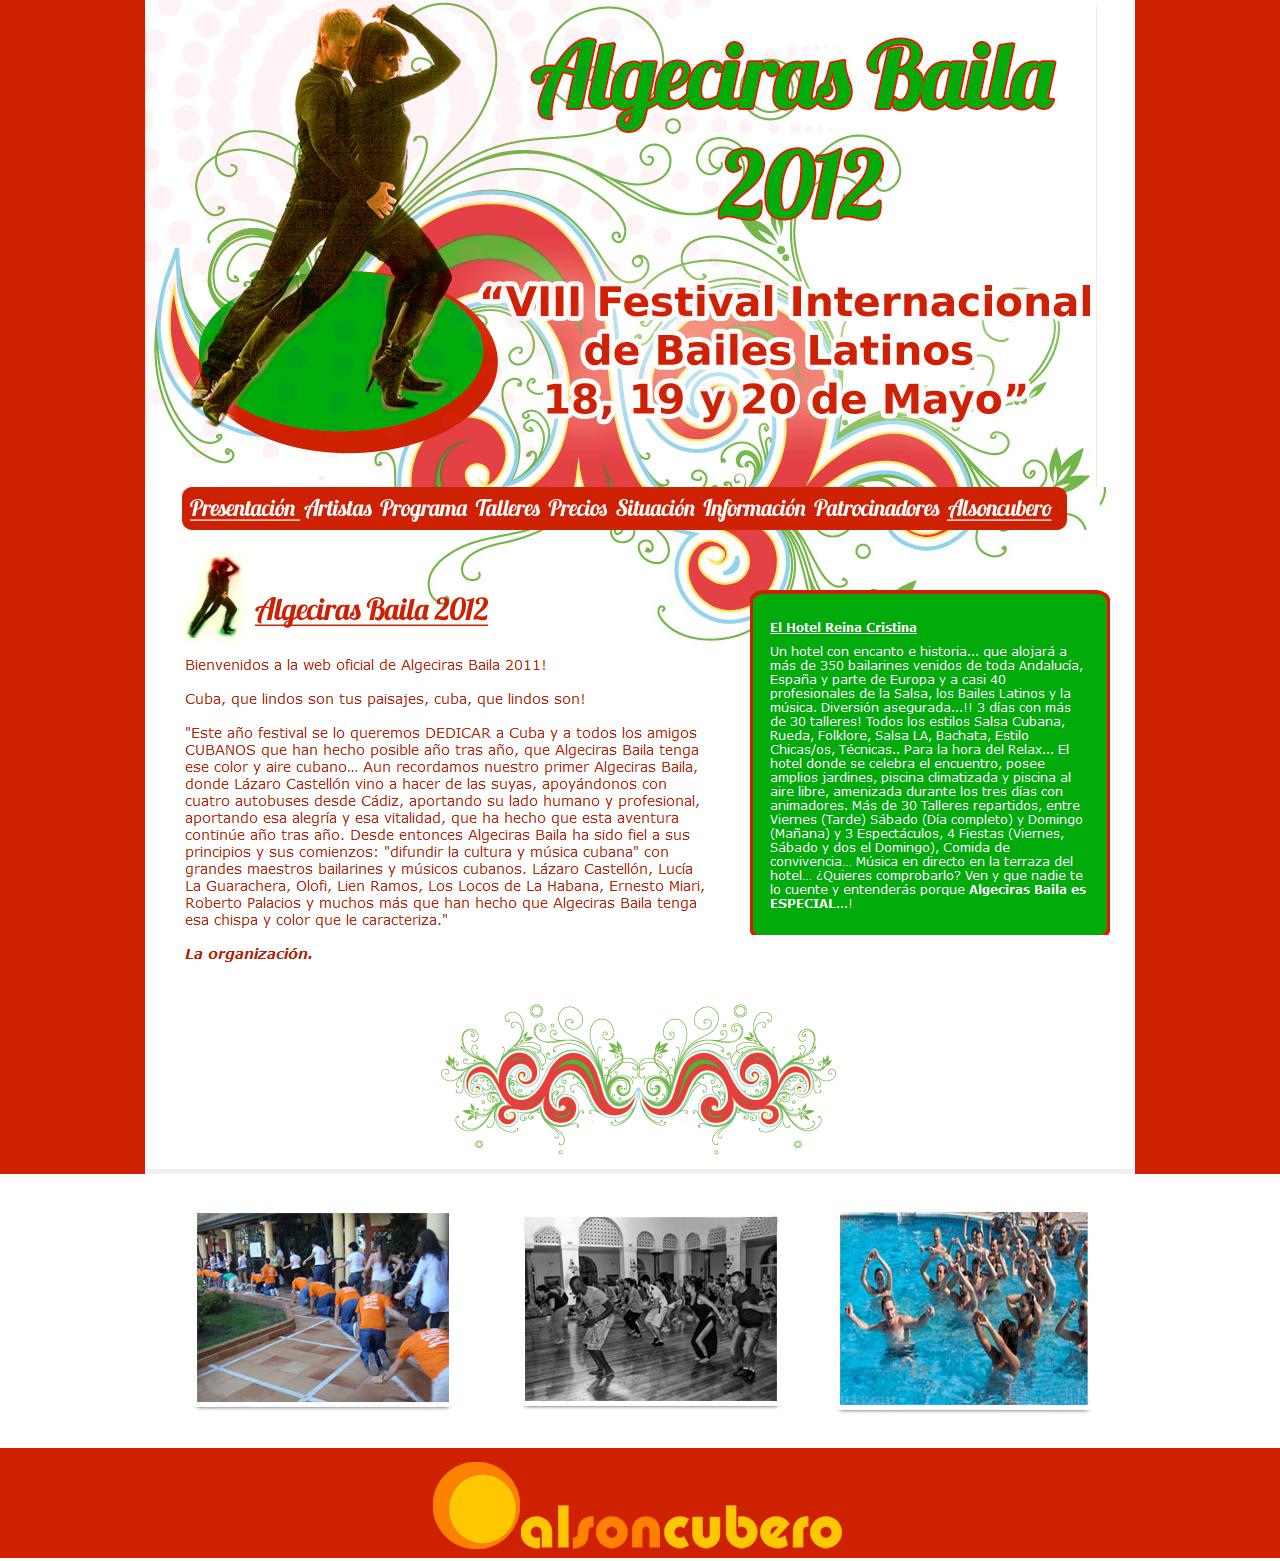 Algeciras Baila 2012 - 18, 19 y 20 de Mayo. Html, Css, Dreamweaver, Photoshop. Año 2012